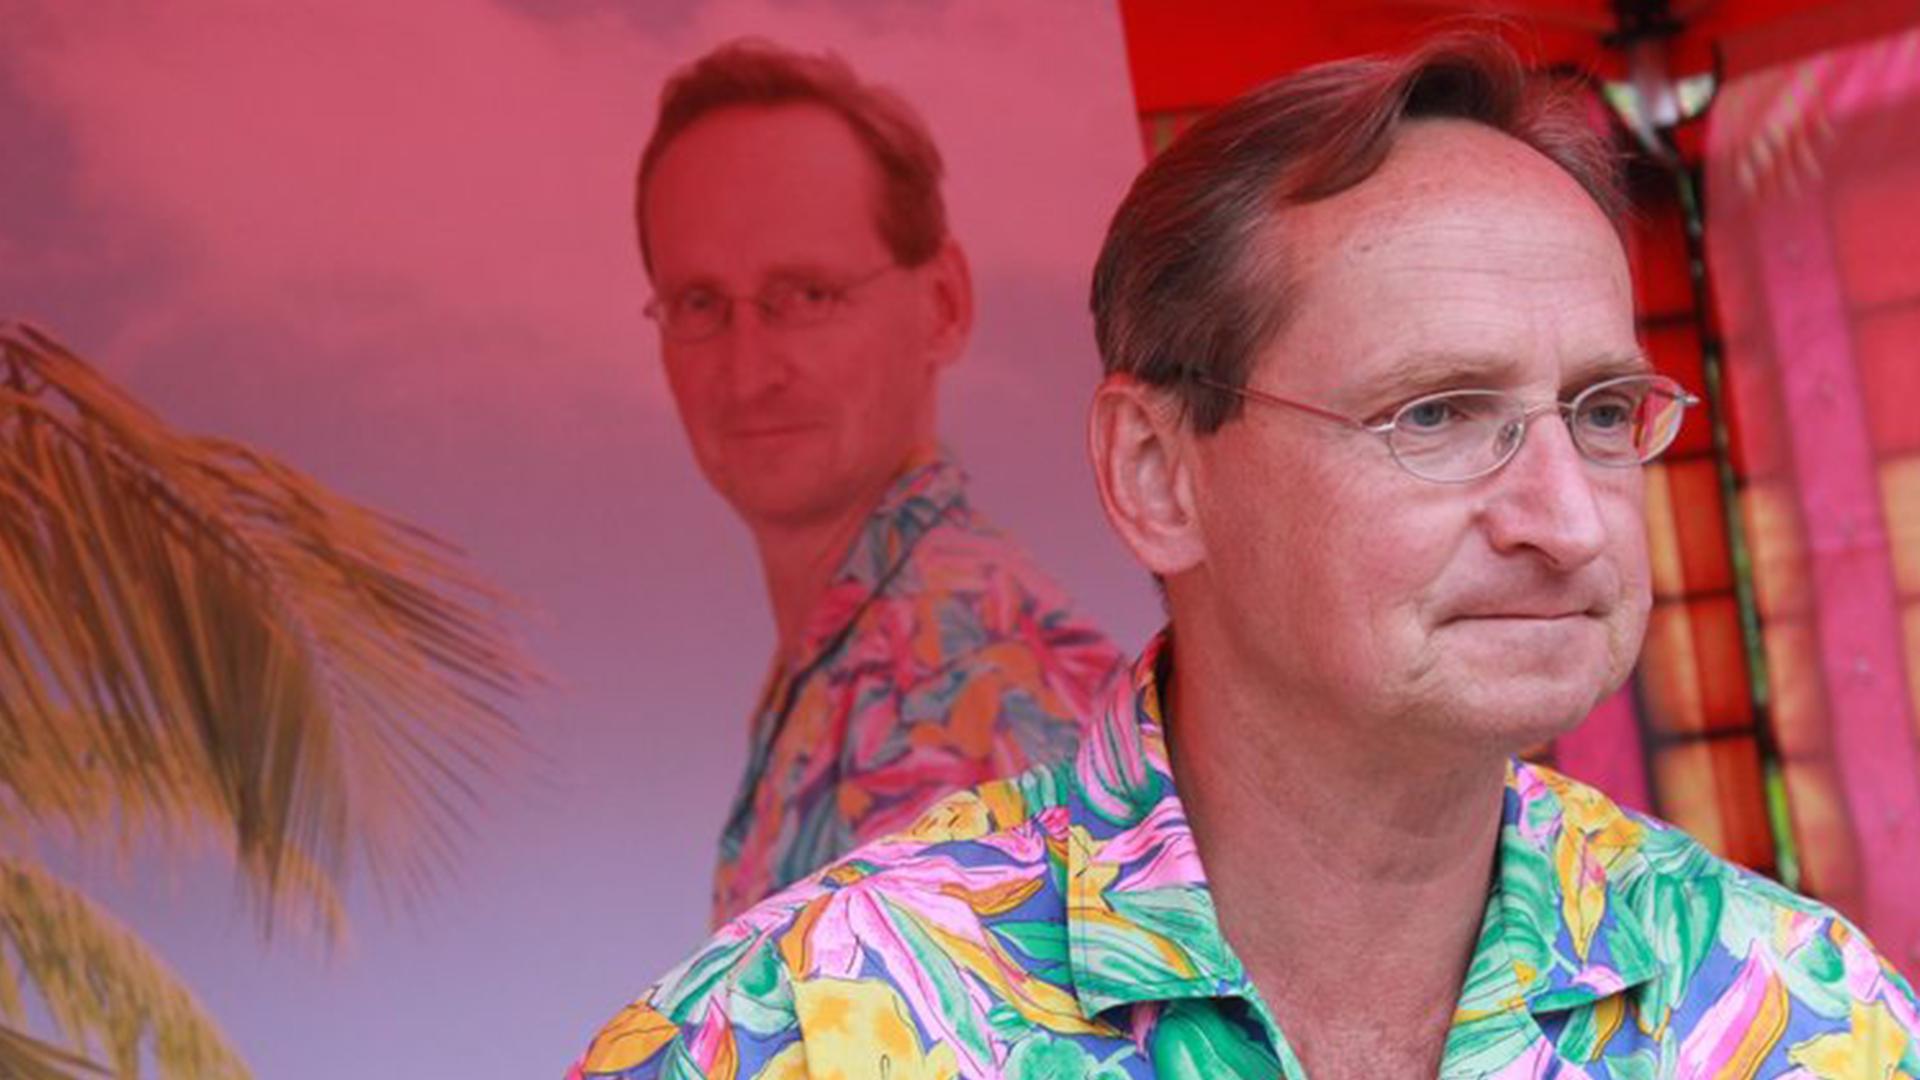 homophobic comedian Wojciech Cejrowski